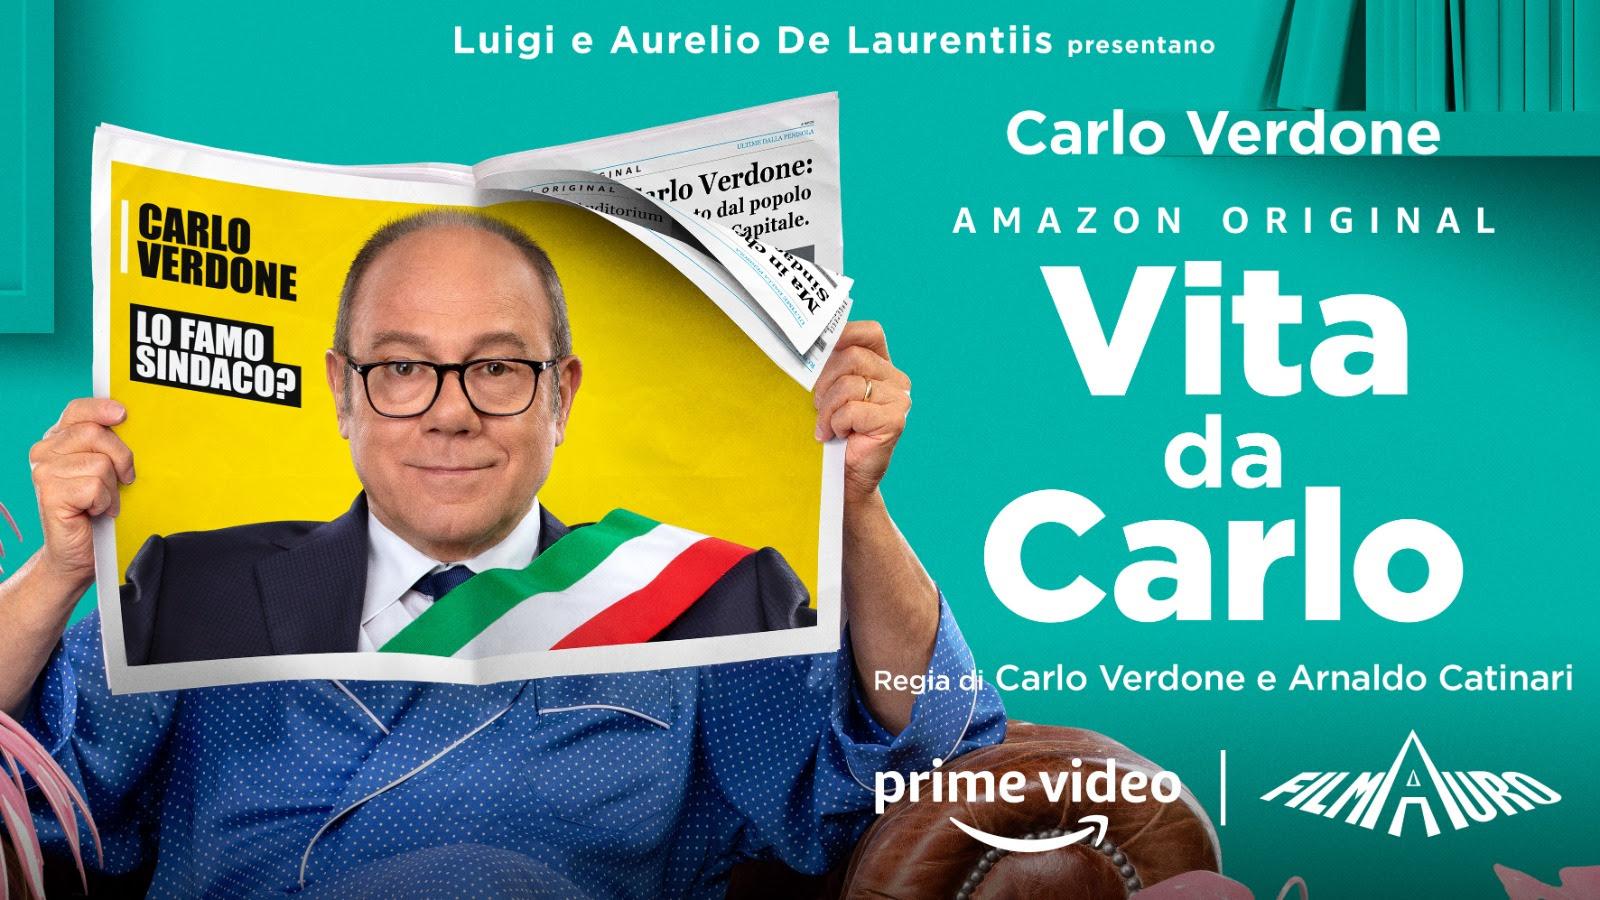 Vita da Carlo, dal 5 novembre su Prime Video : Ecco il Trailer ufficiale